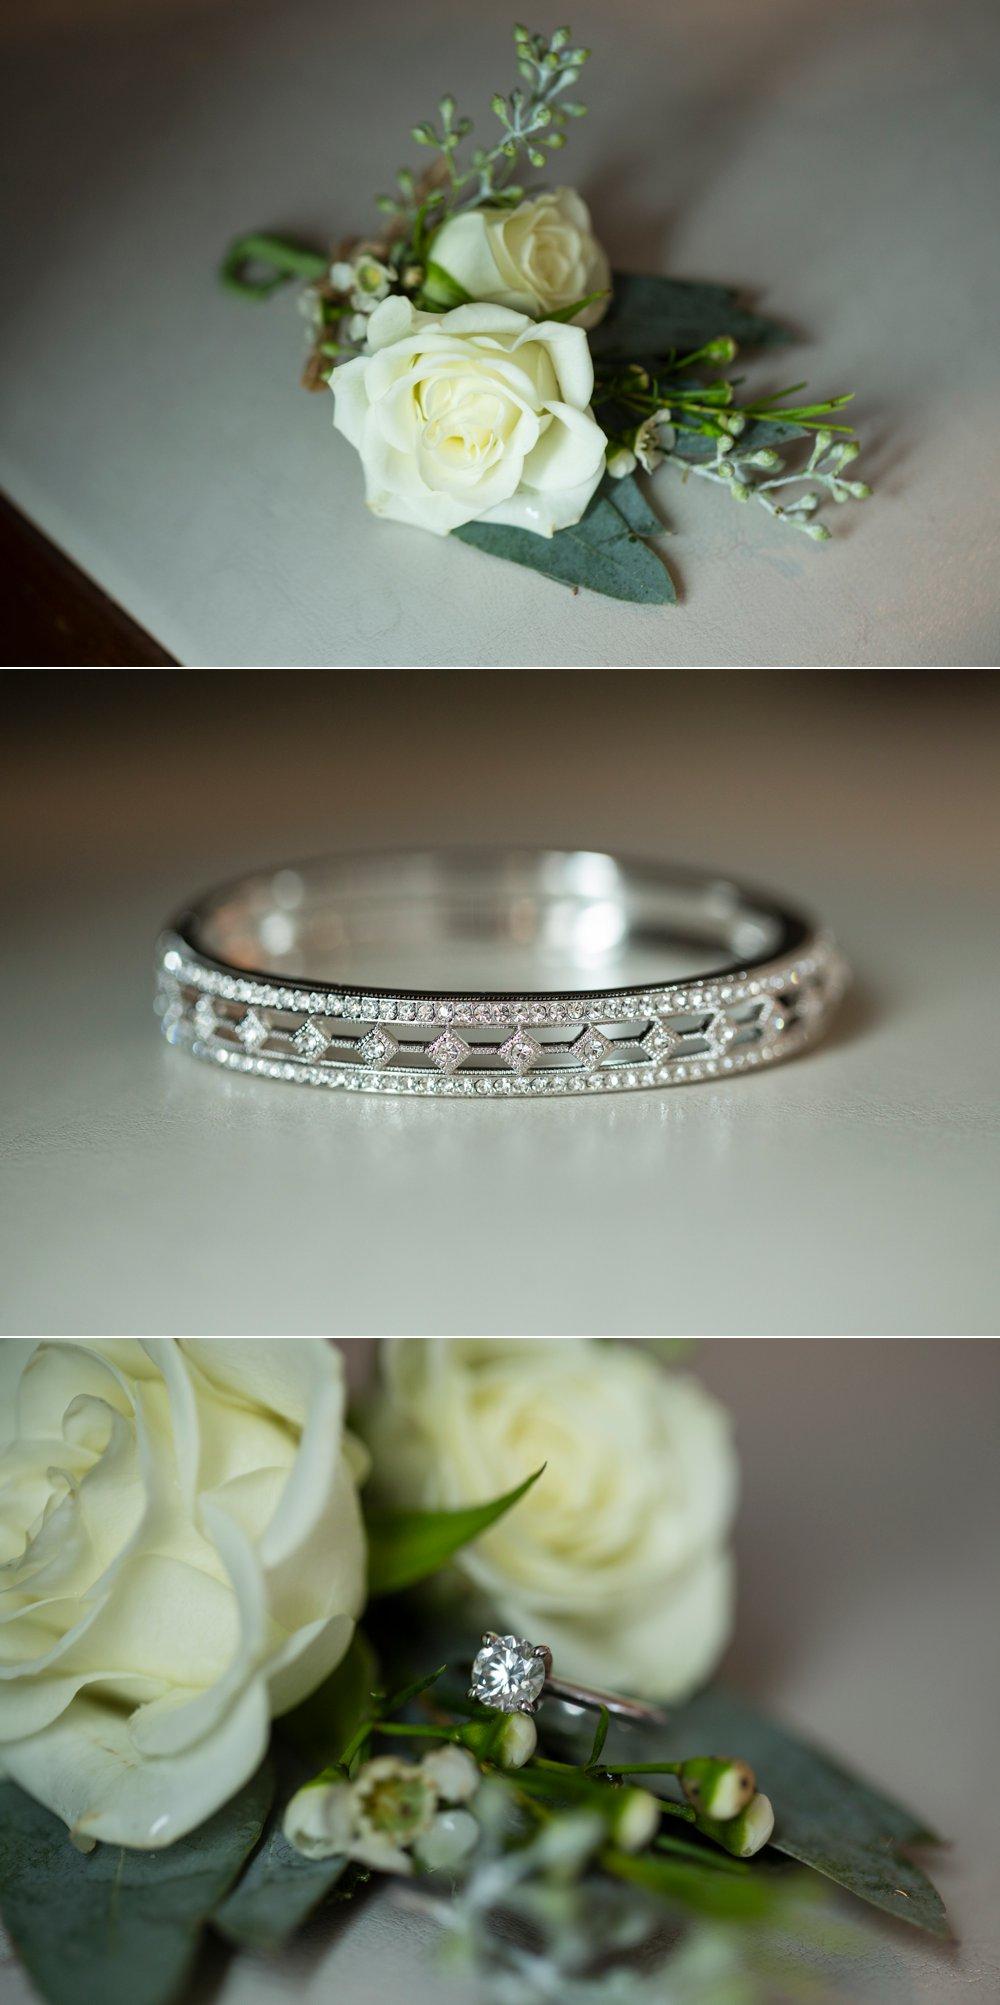 SomerbyJonesPhotography_LoyalNineWedding_LoyalNineRestaurant_LoyalNine_Wedding_0003.jpg